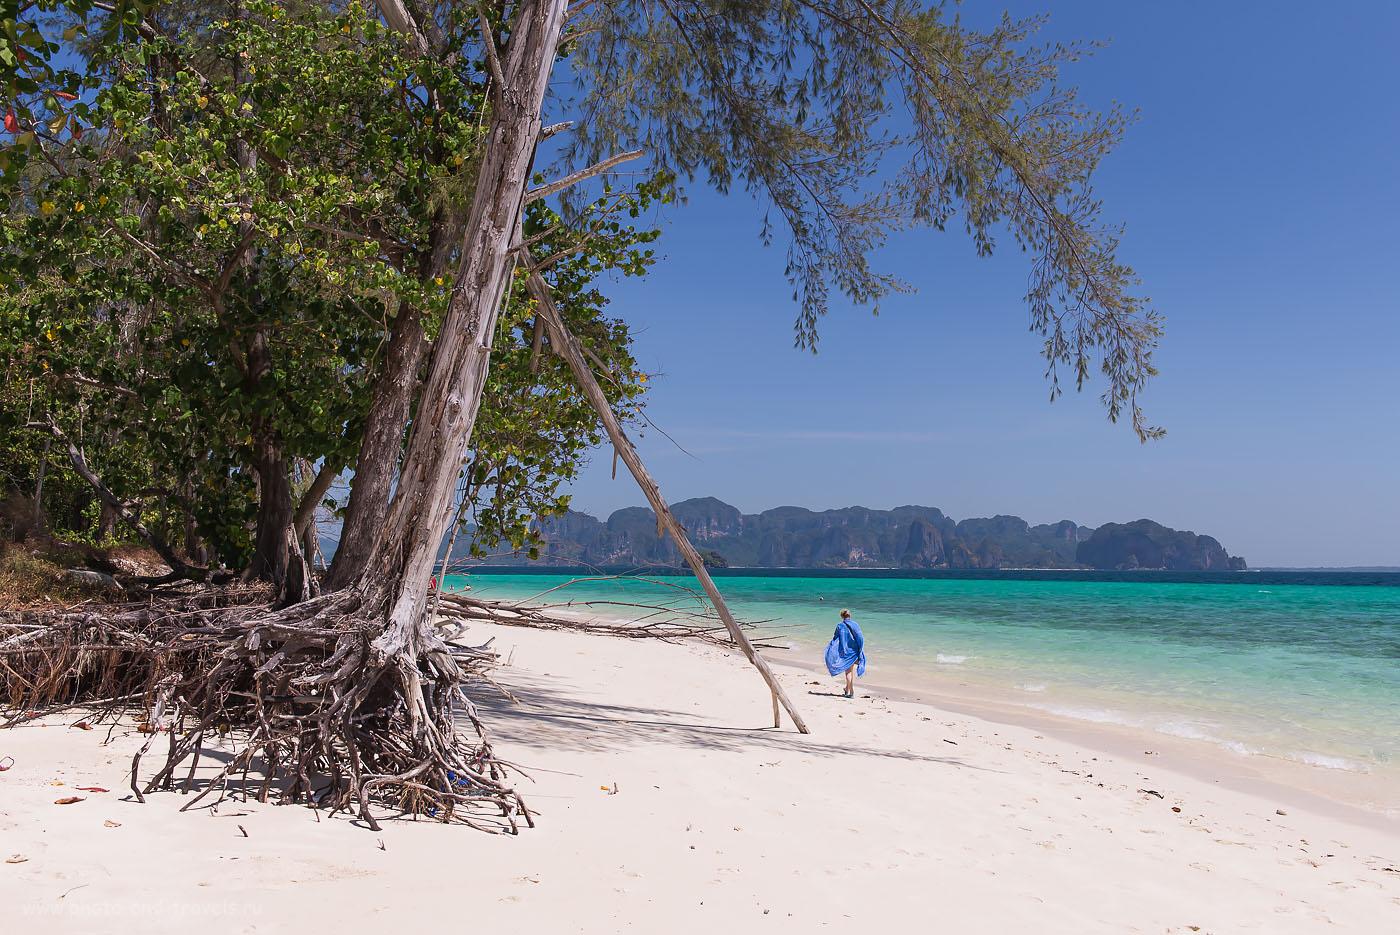 Фото 15. На острове Пода (Koh Poda Island) мы с трудом продержались до 15 часов... А казалось бы - рай?.. Рассказы про отдых в провинции Краби